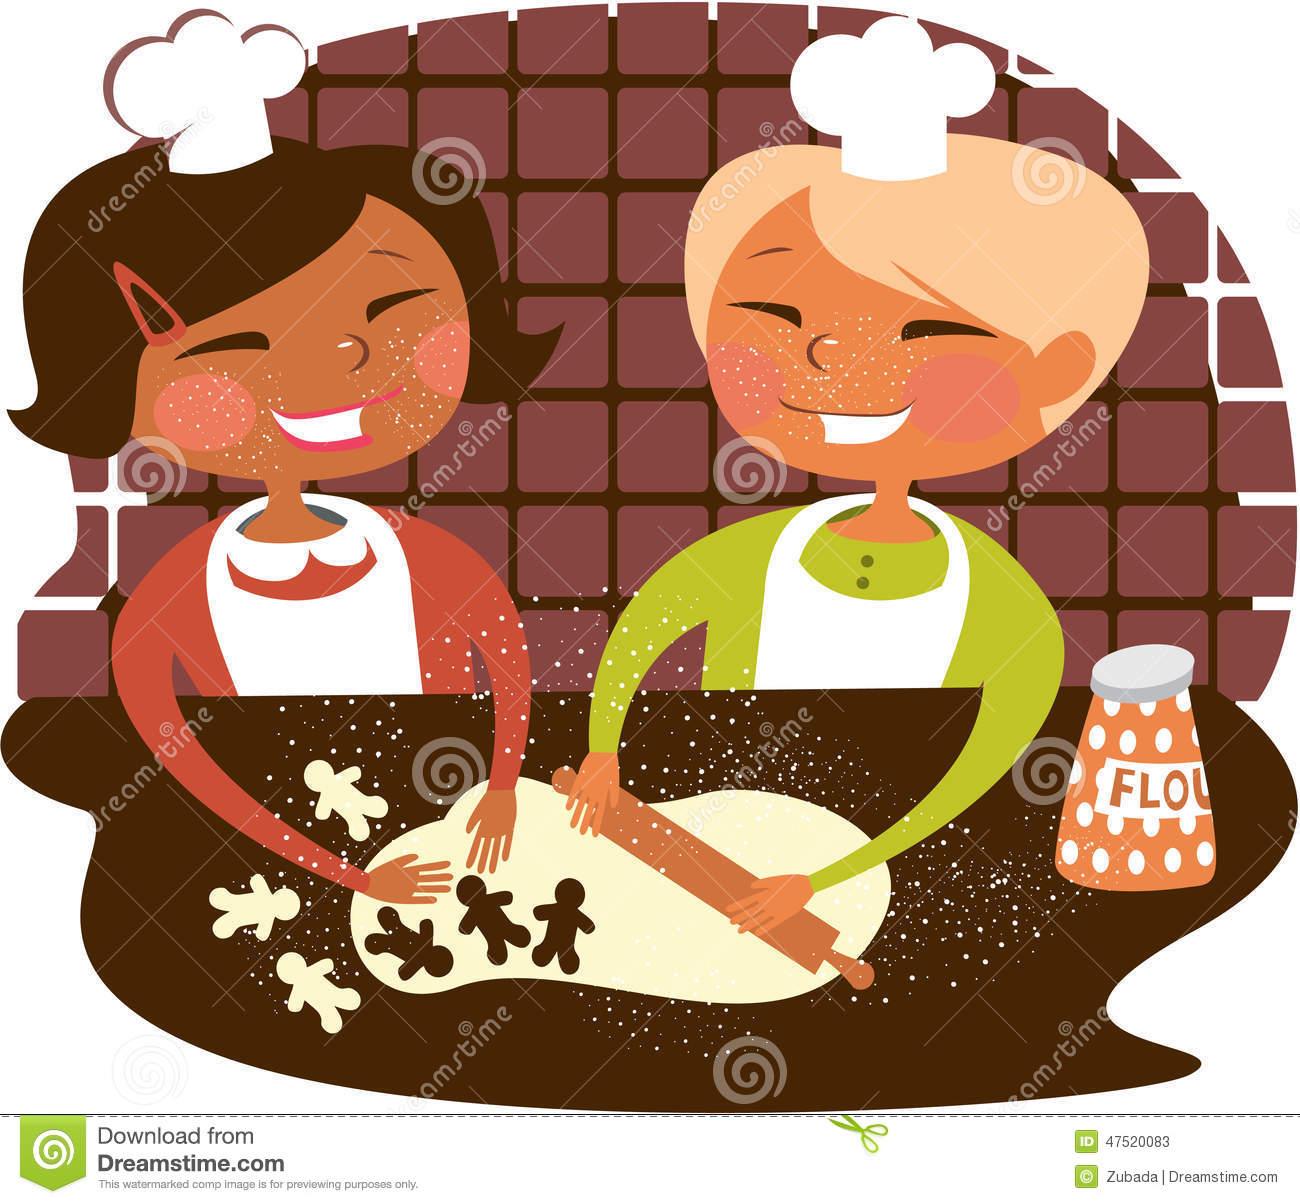 Kochen und backen mit kindern clipart graphic free Kinder, Die Plätzchen Backen Vektor Abbildung - Bild: 47520083 graphic free